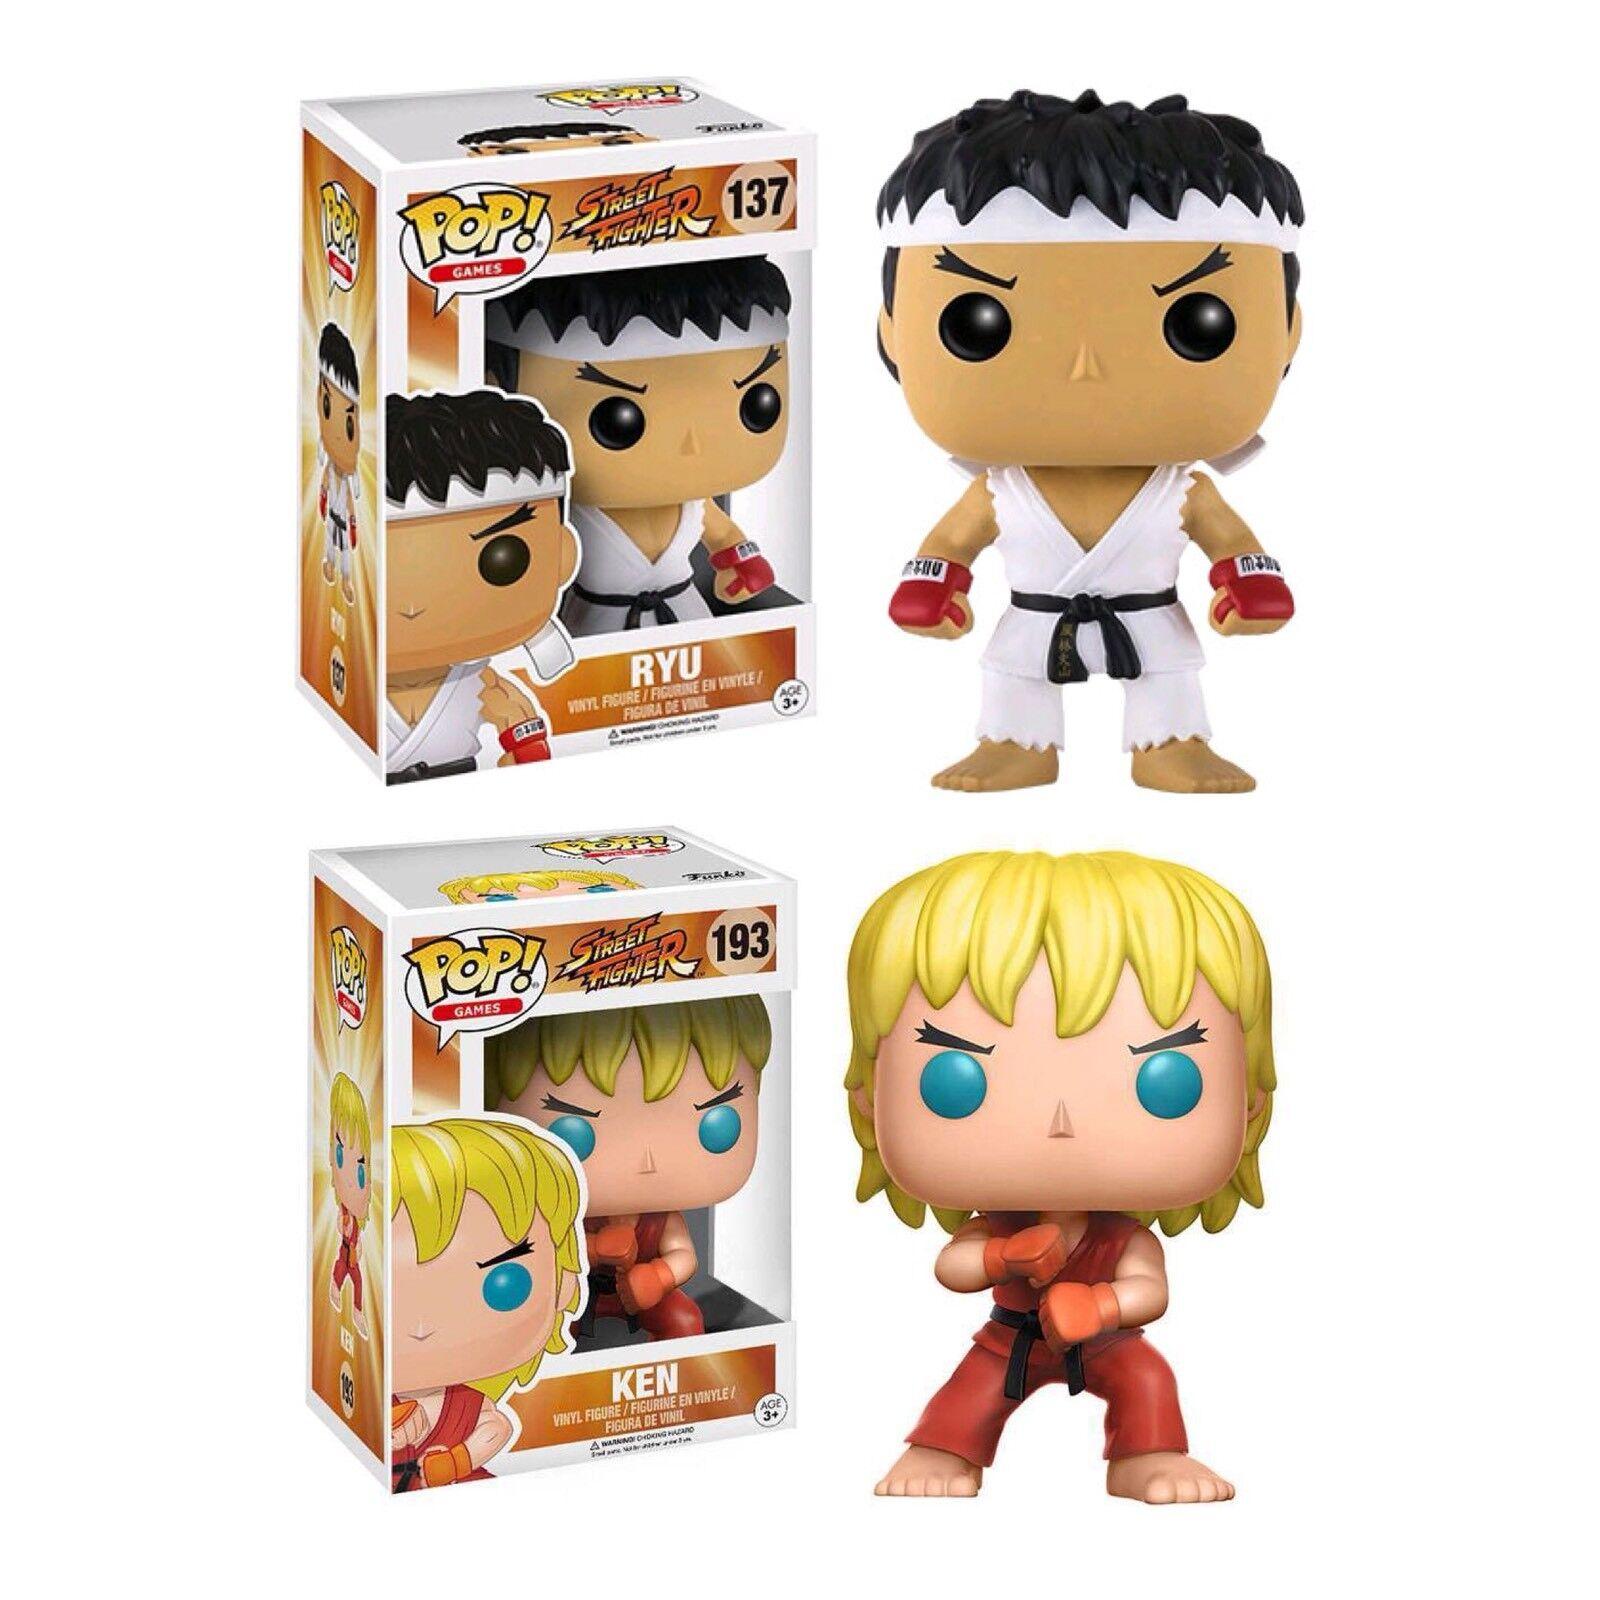 STREET FIGHTER 2 Ryu (Bianco Fascia per Capelli) & KEN (speciale attacco) POP  VINILE. Nuovo Regno Unito.